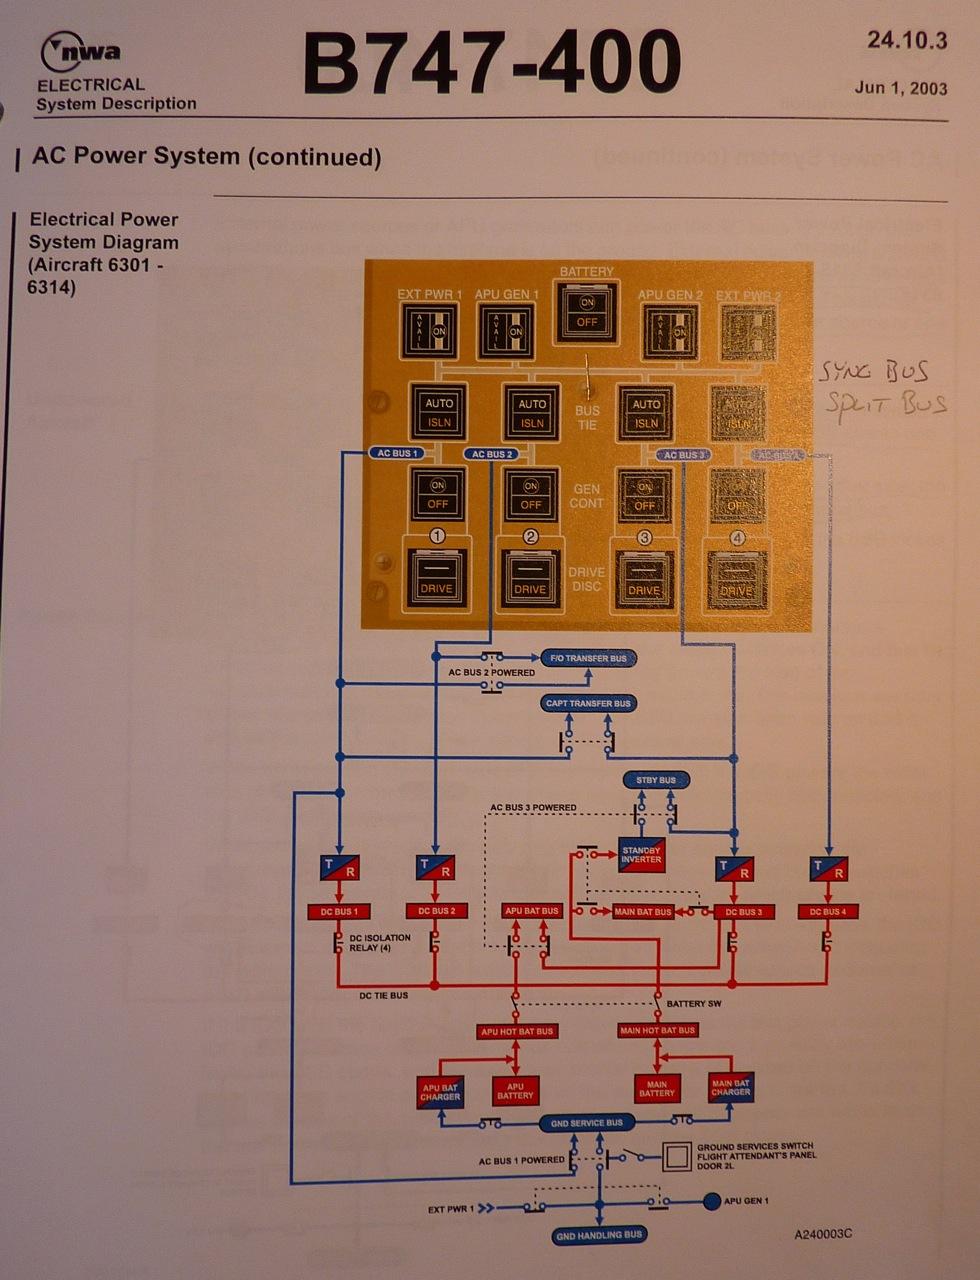 747 400 wiring diagram manual wdm best setting instruction guide u2022 rh ourk9 co B747-400 Cargo B747- 300